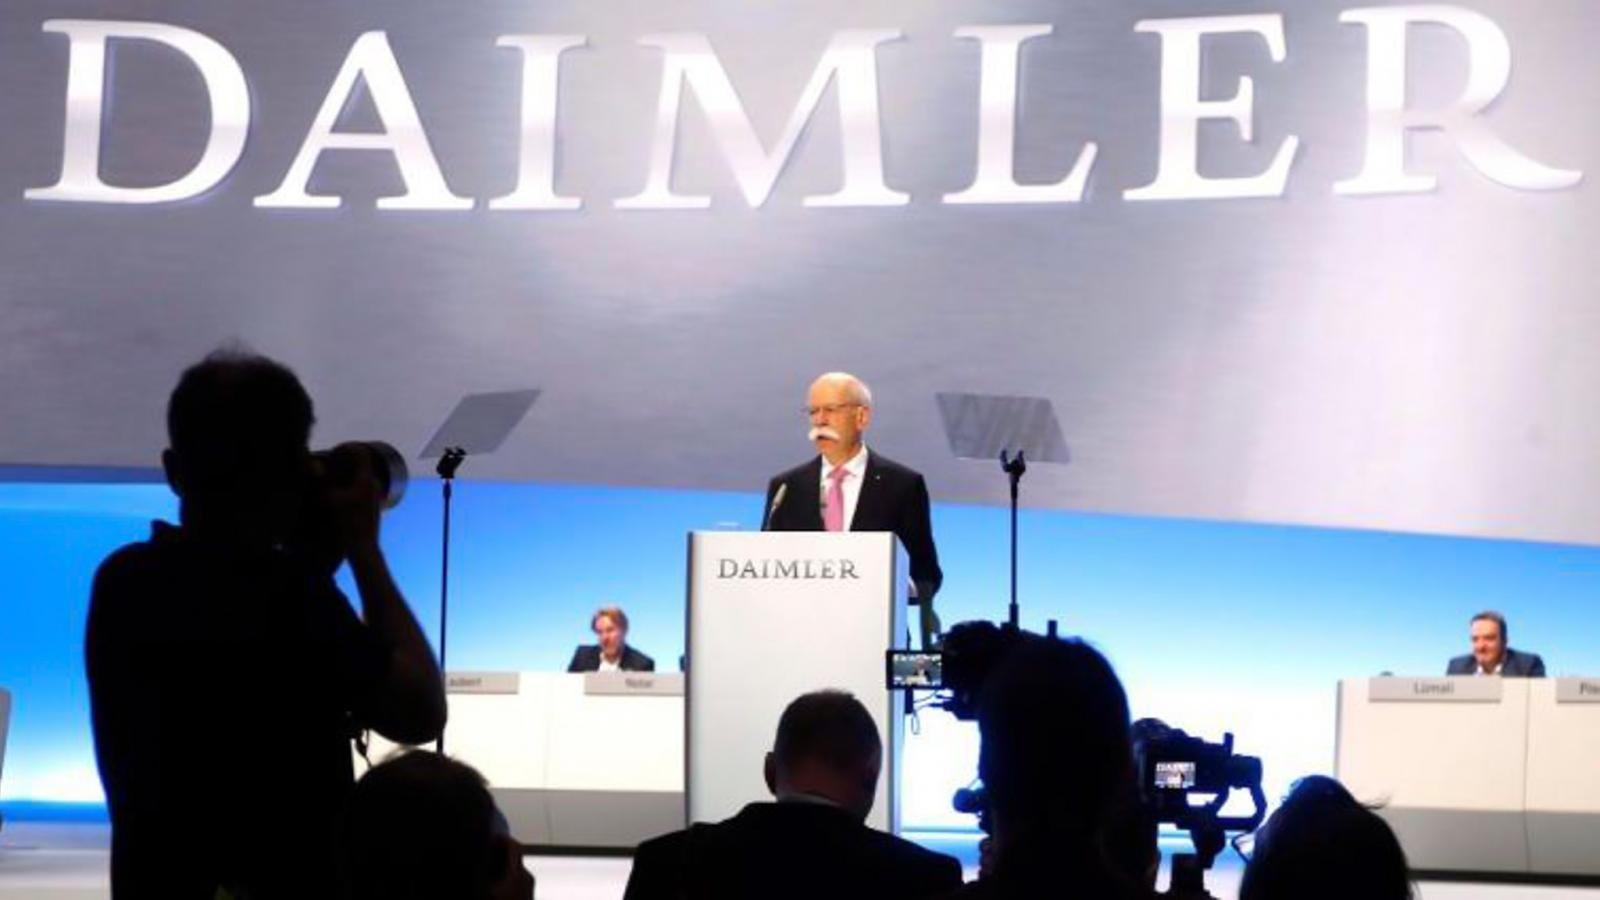 BMW tung video hài về ngày nghỉ hưu của cựu chủ tịch Mercedes-Benz 1